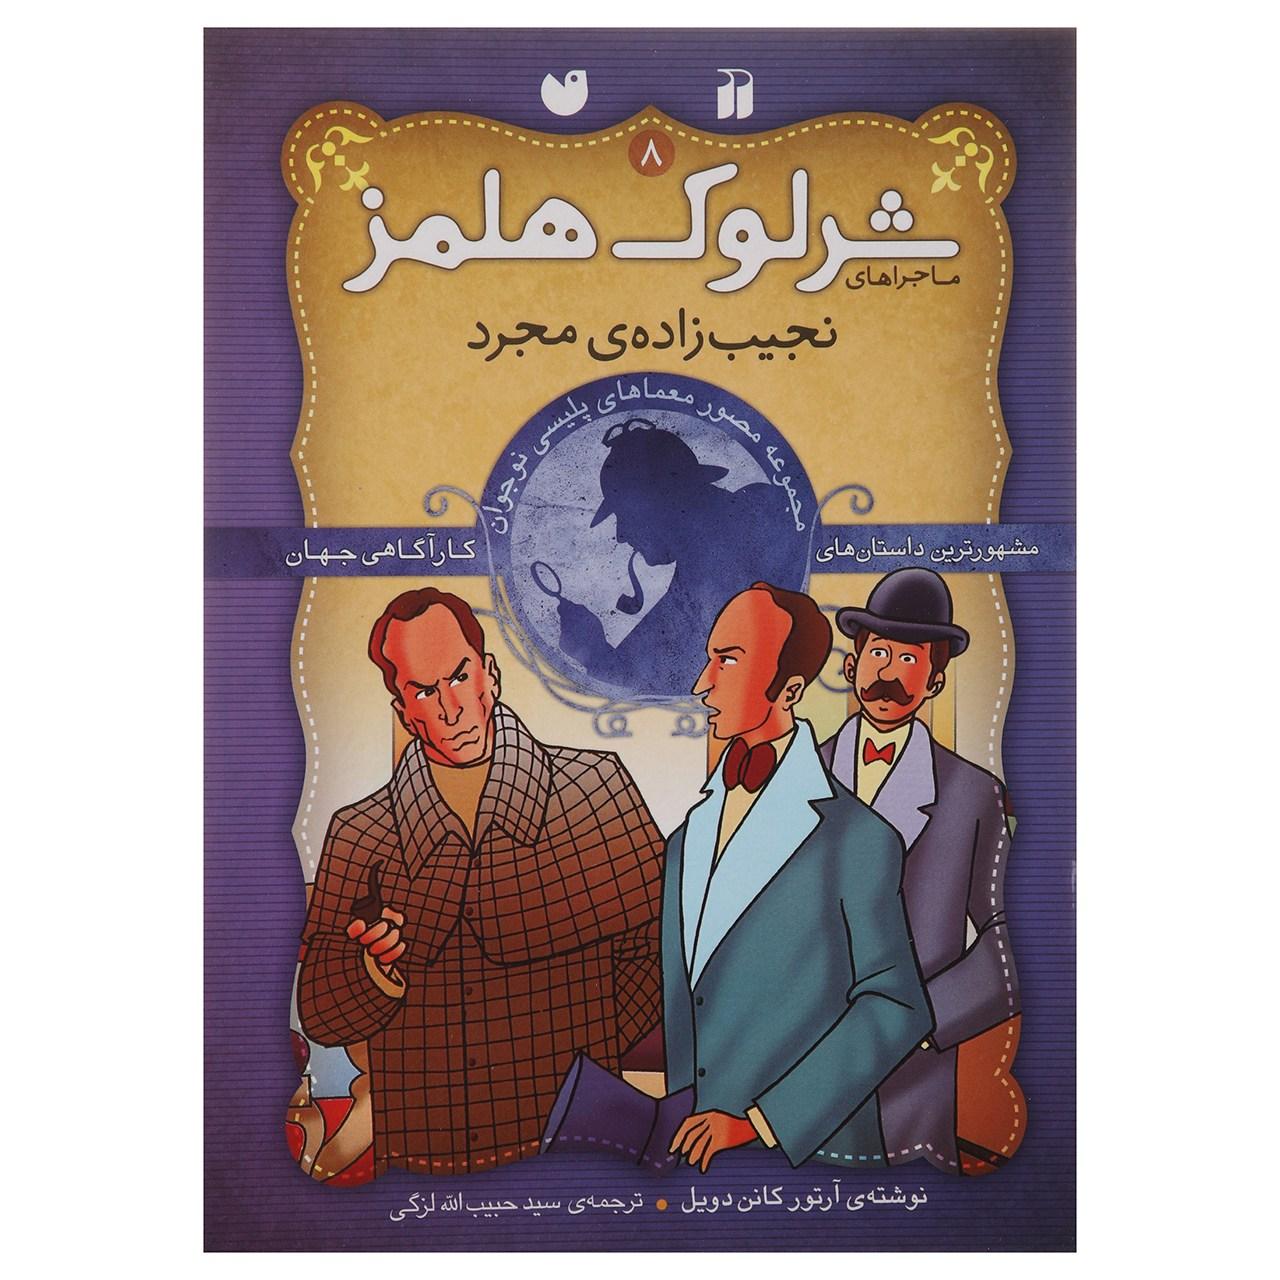 خرید                      کتاب نجیبزادهی مجرد اثر آرتور کانن دویل